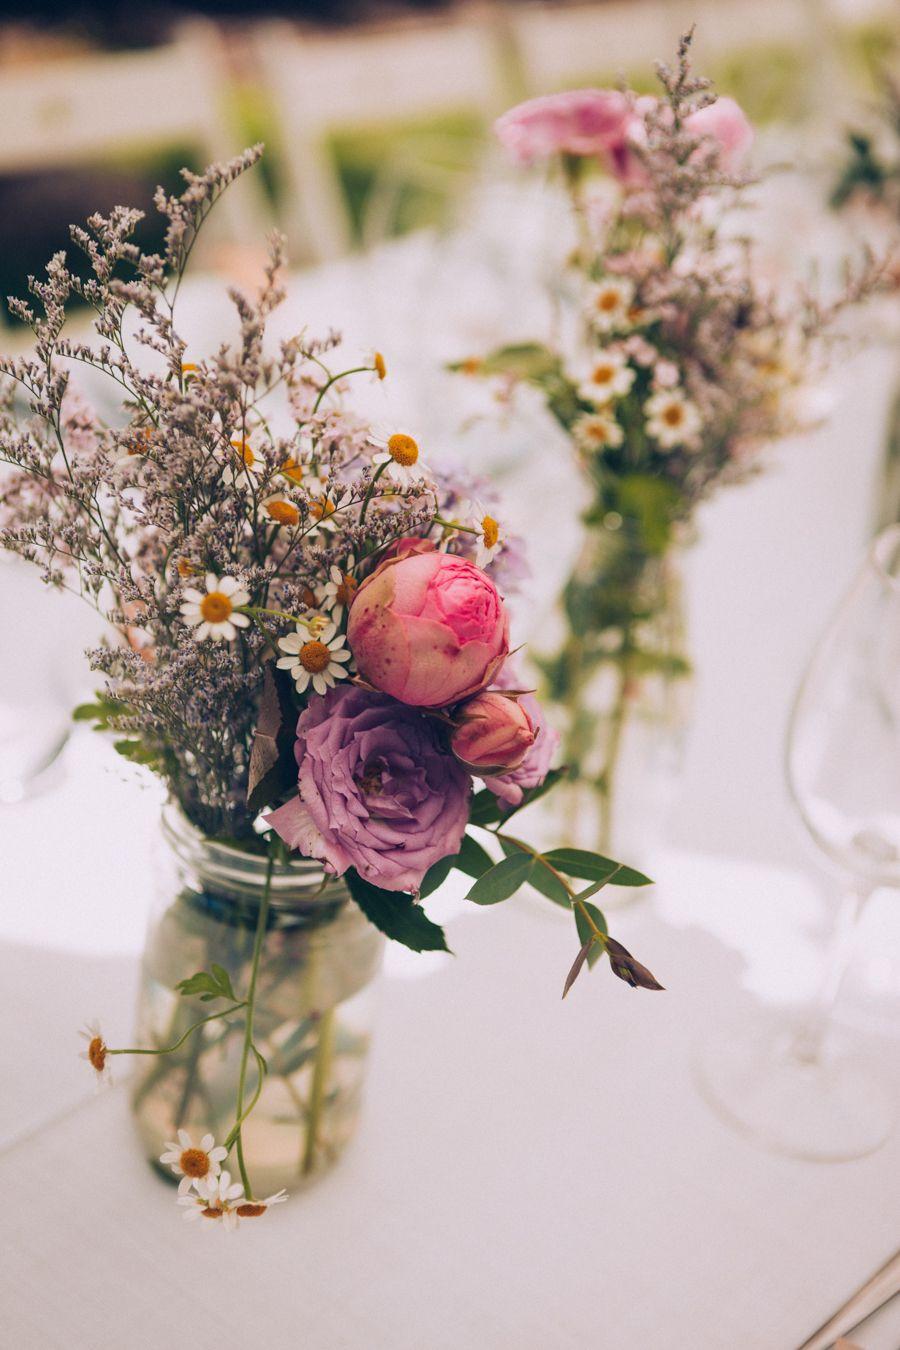 calista-one-lista-de-bodas-online-blog-de-bodas-inspiracion-comunion-2